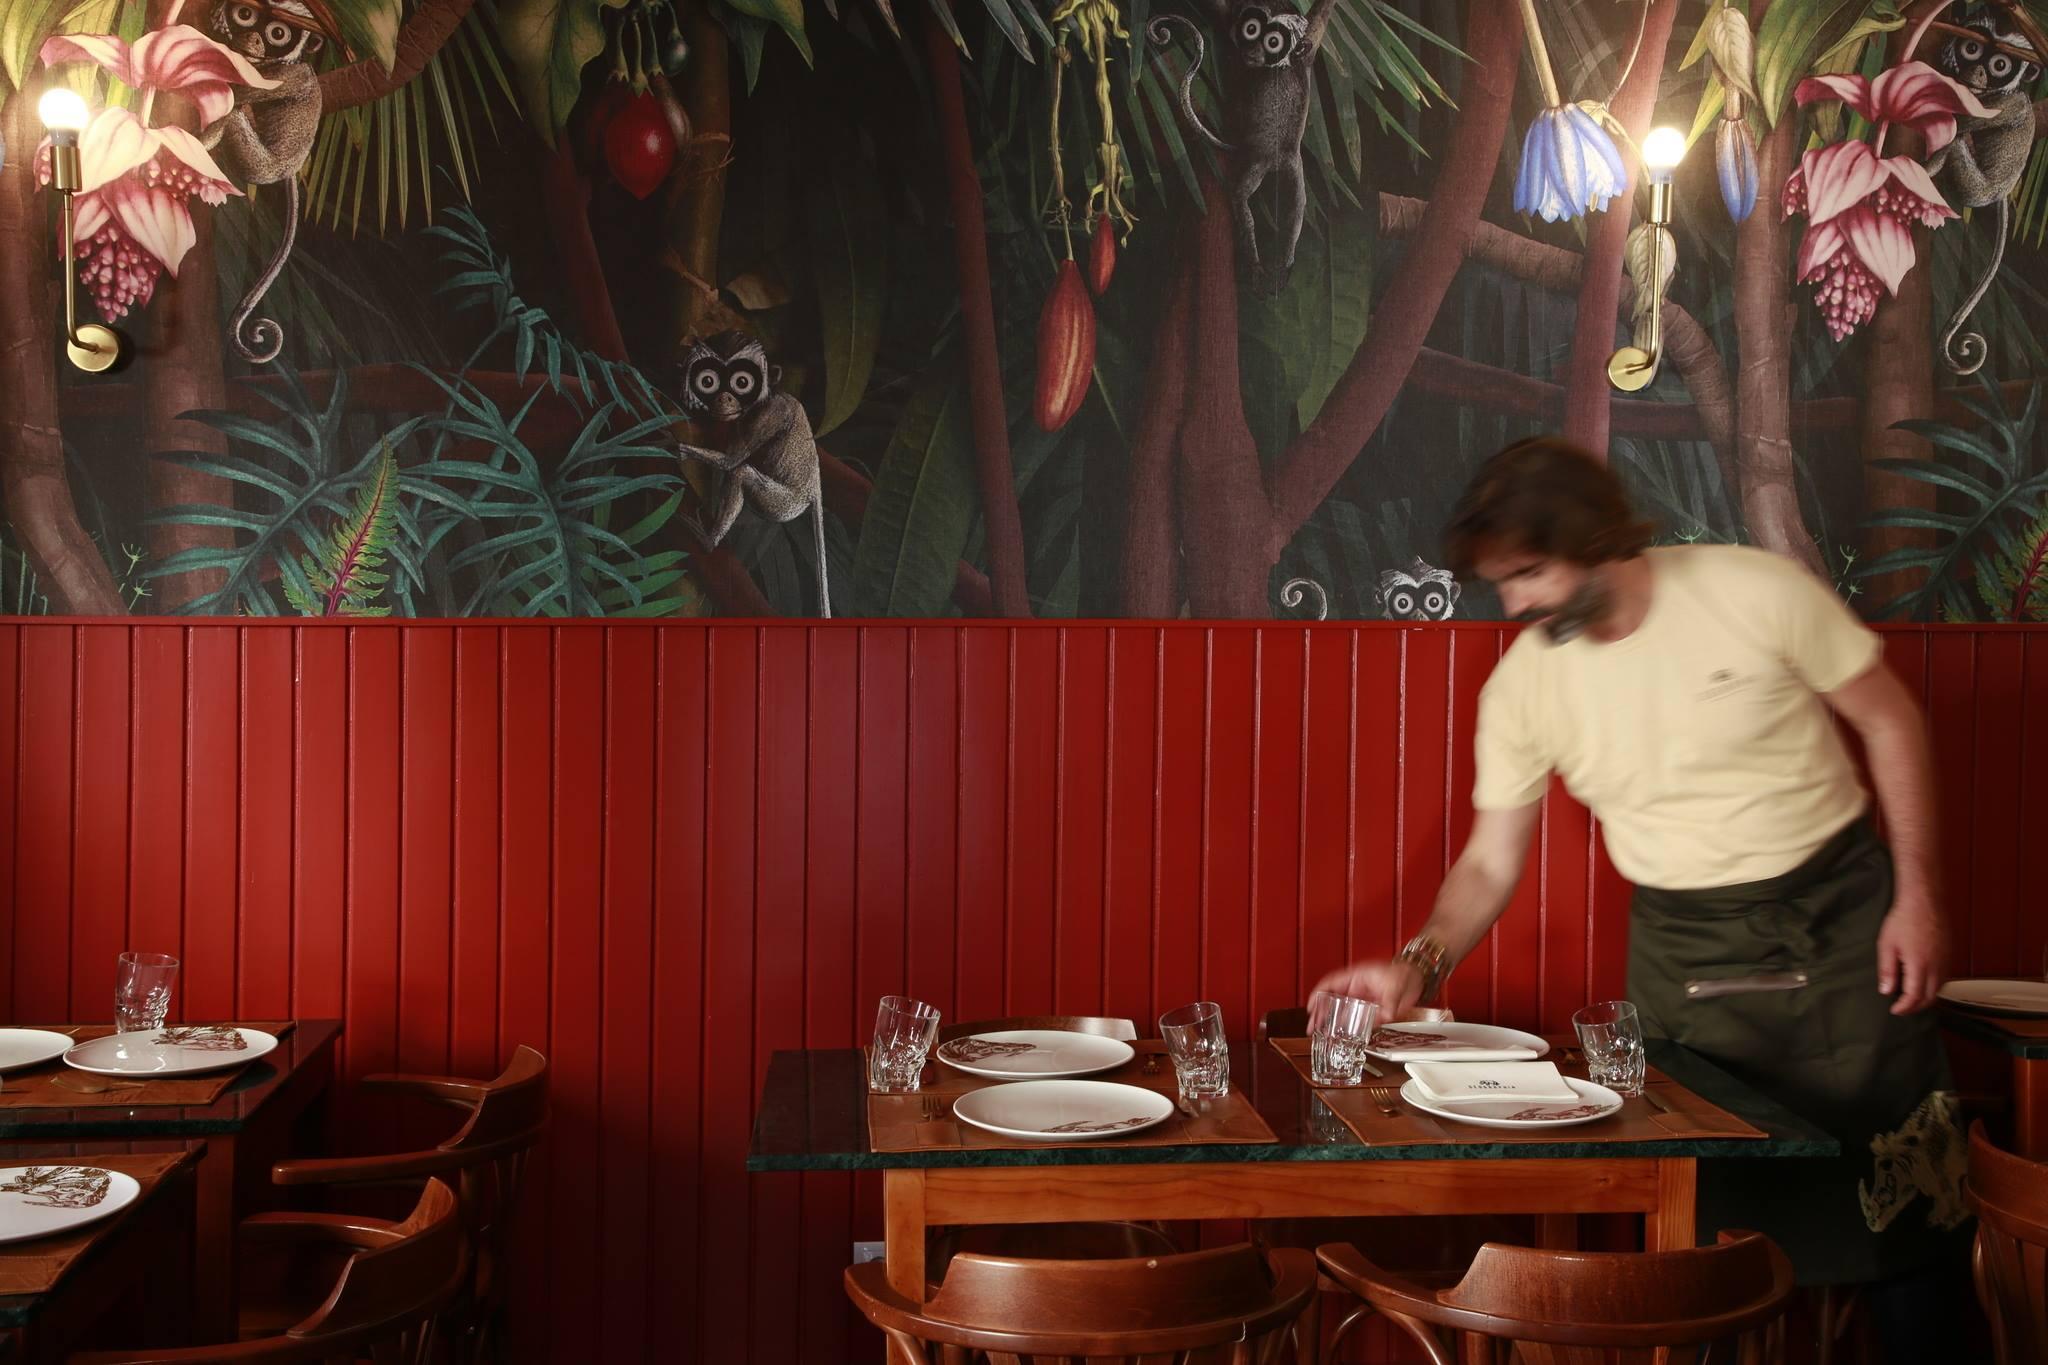 Restaurante Geographia promove visitas guiadas ao Museu Nacional de Arte Antiga